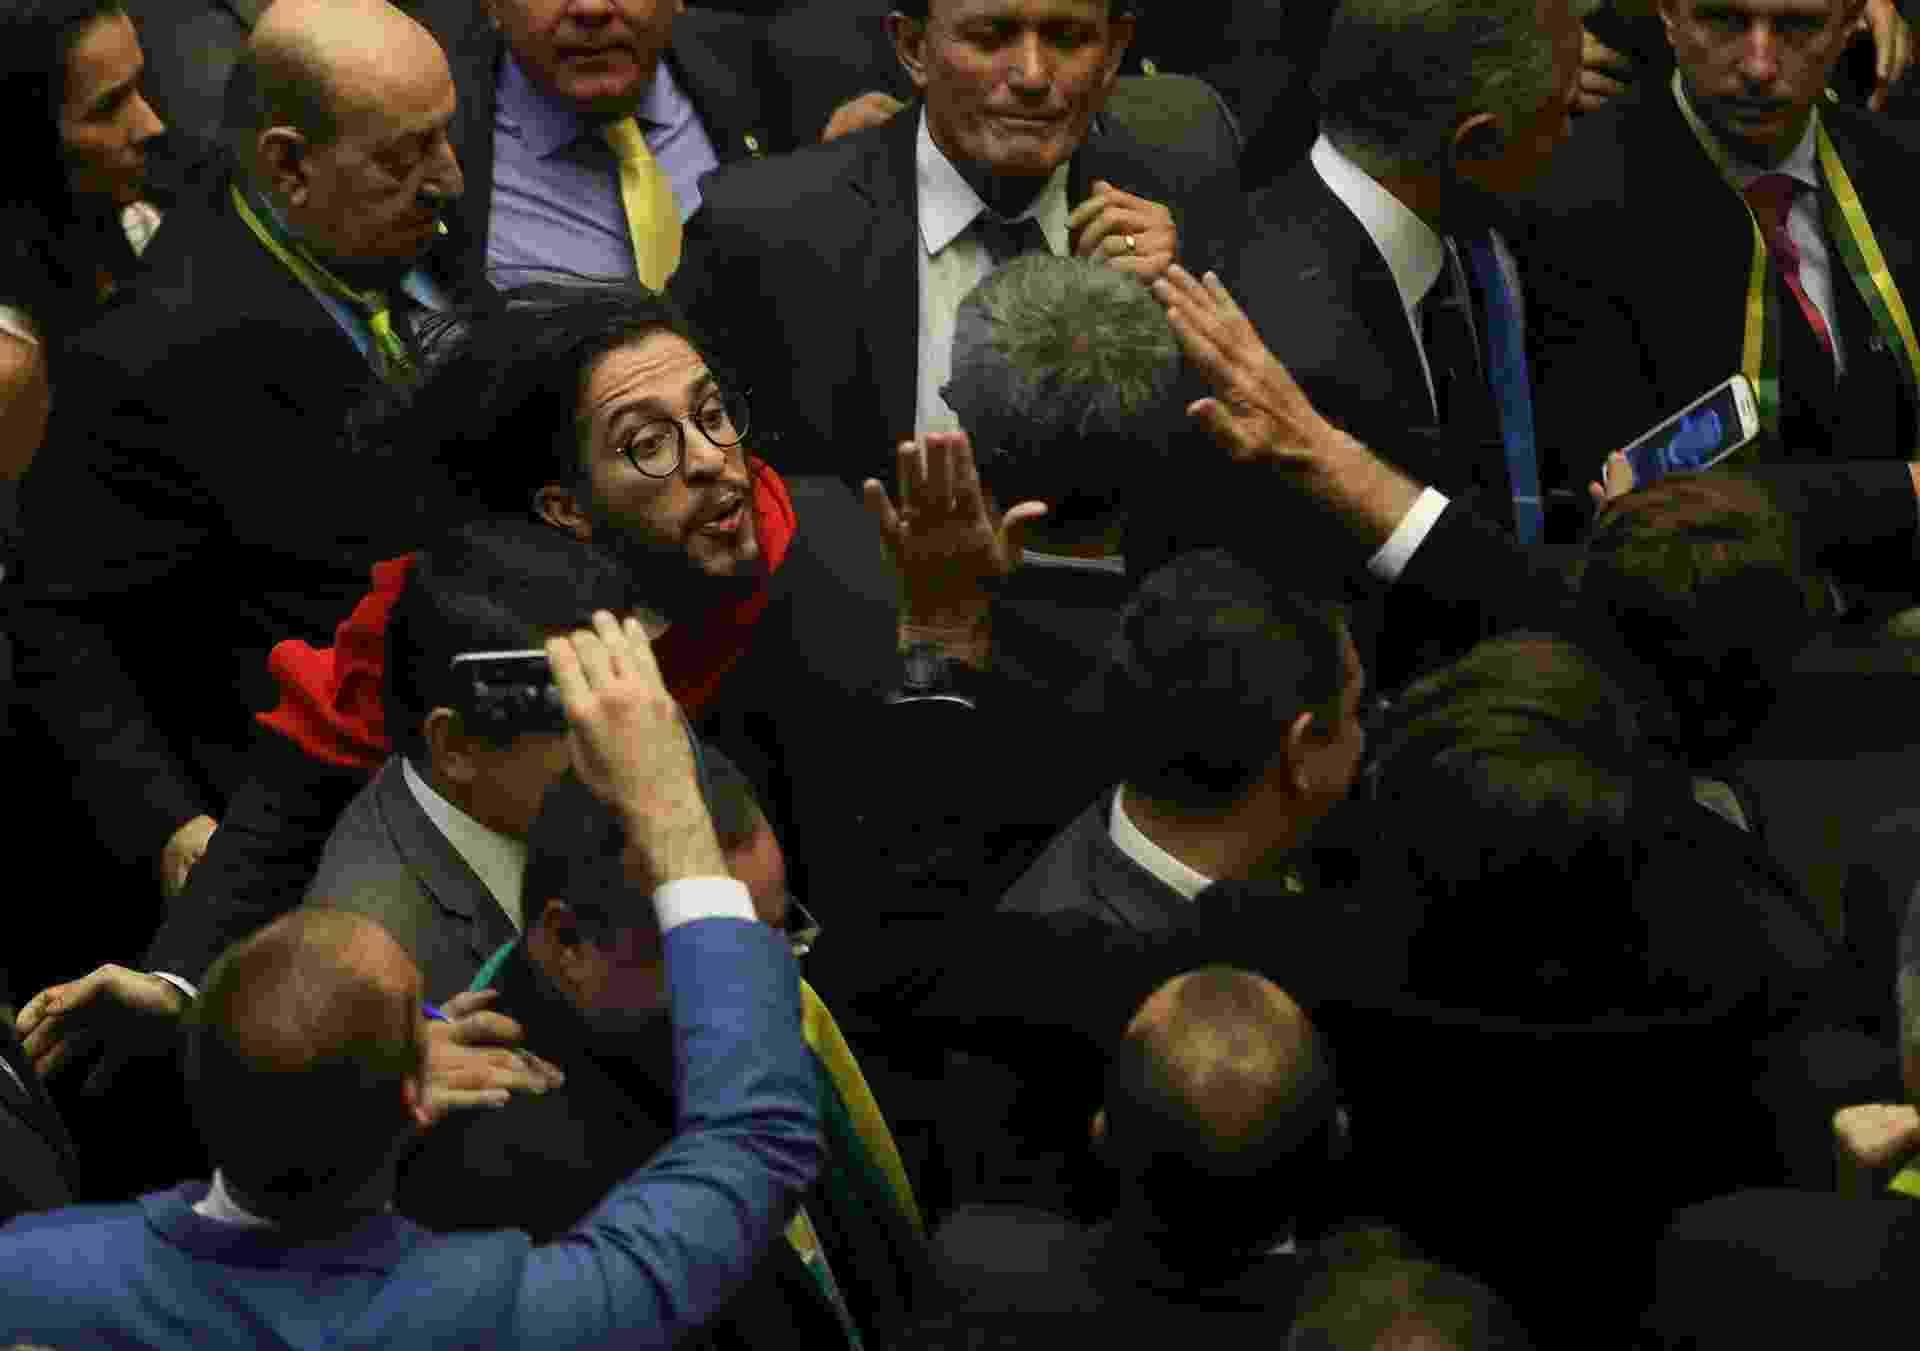 O deputado Jean Willys cospe no deputado Jair Bolsonaro durante a sessão da Câmara dos Deputados durante votação para abertura ou não do pedido de Impeachment da presidente Dilma Rousseff - Alan Marques/ Folhapress